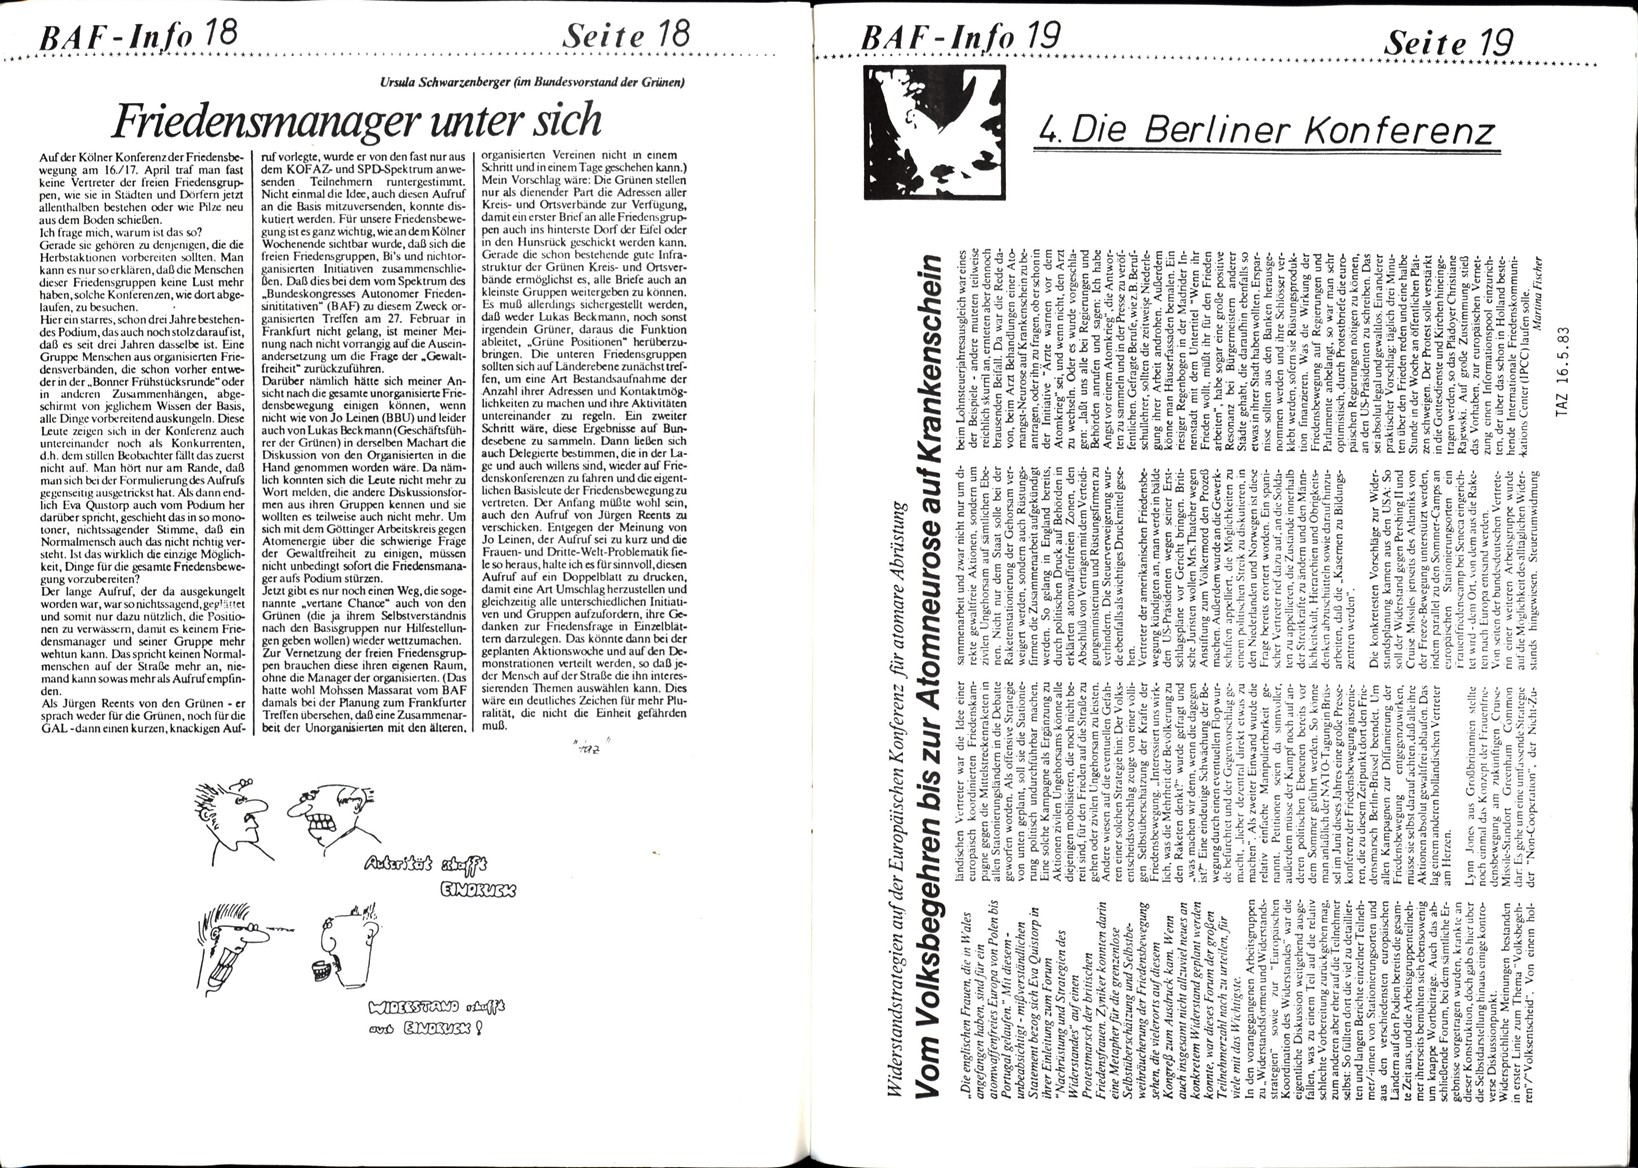 BAF_Info_03_19830600_10